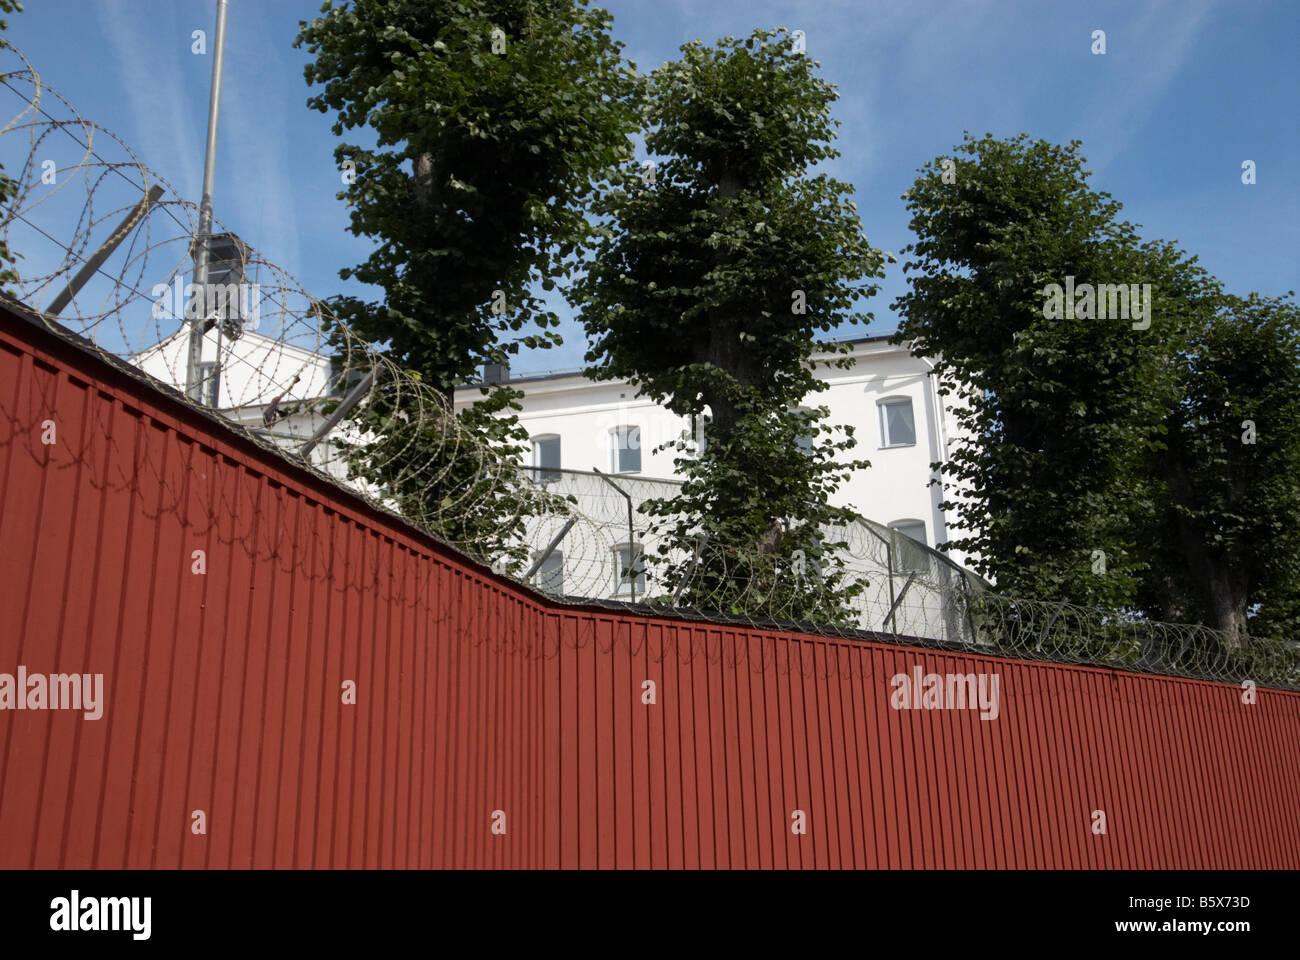 Prison in Karlskrona - Stock Image